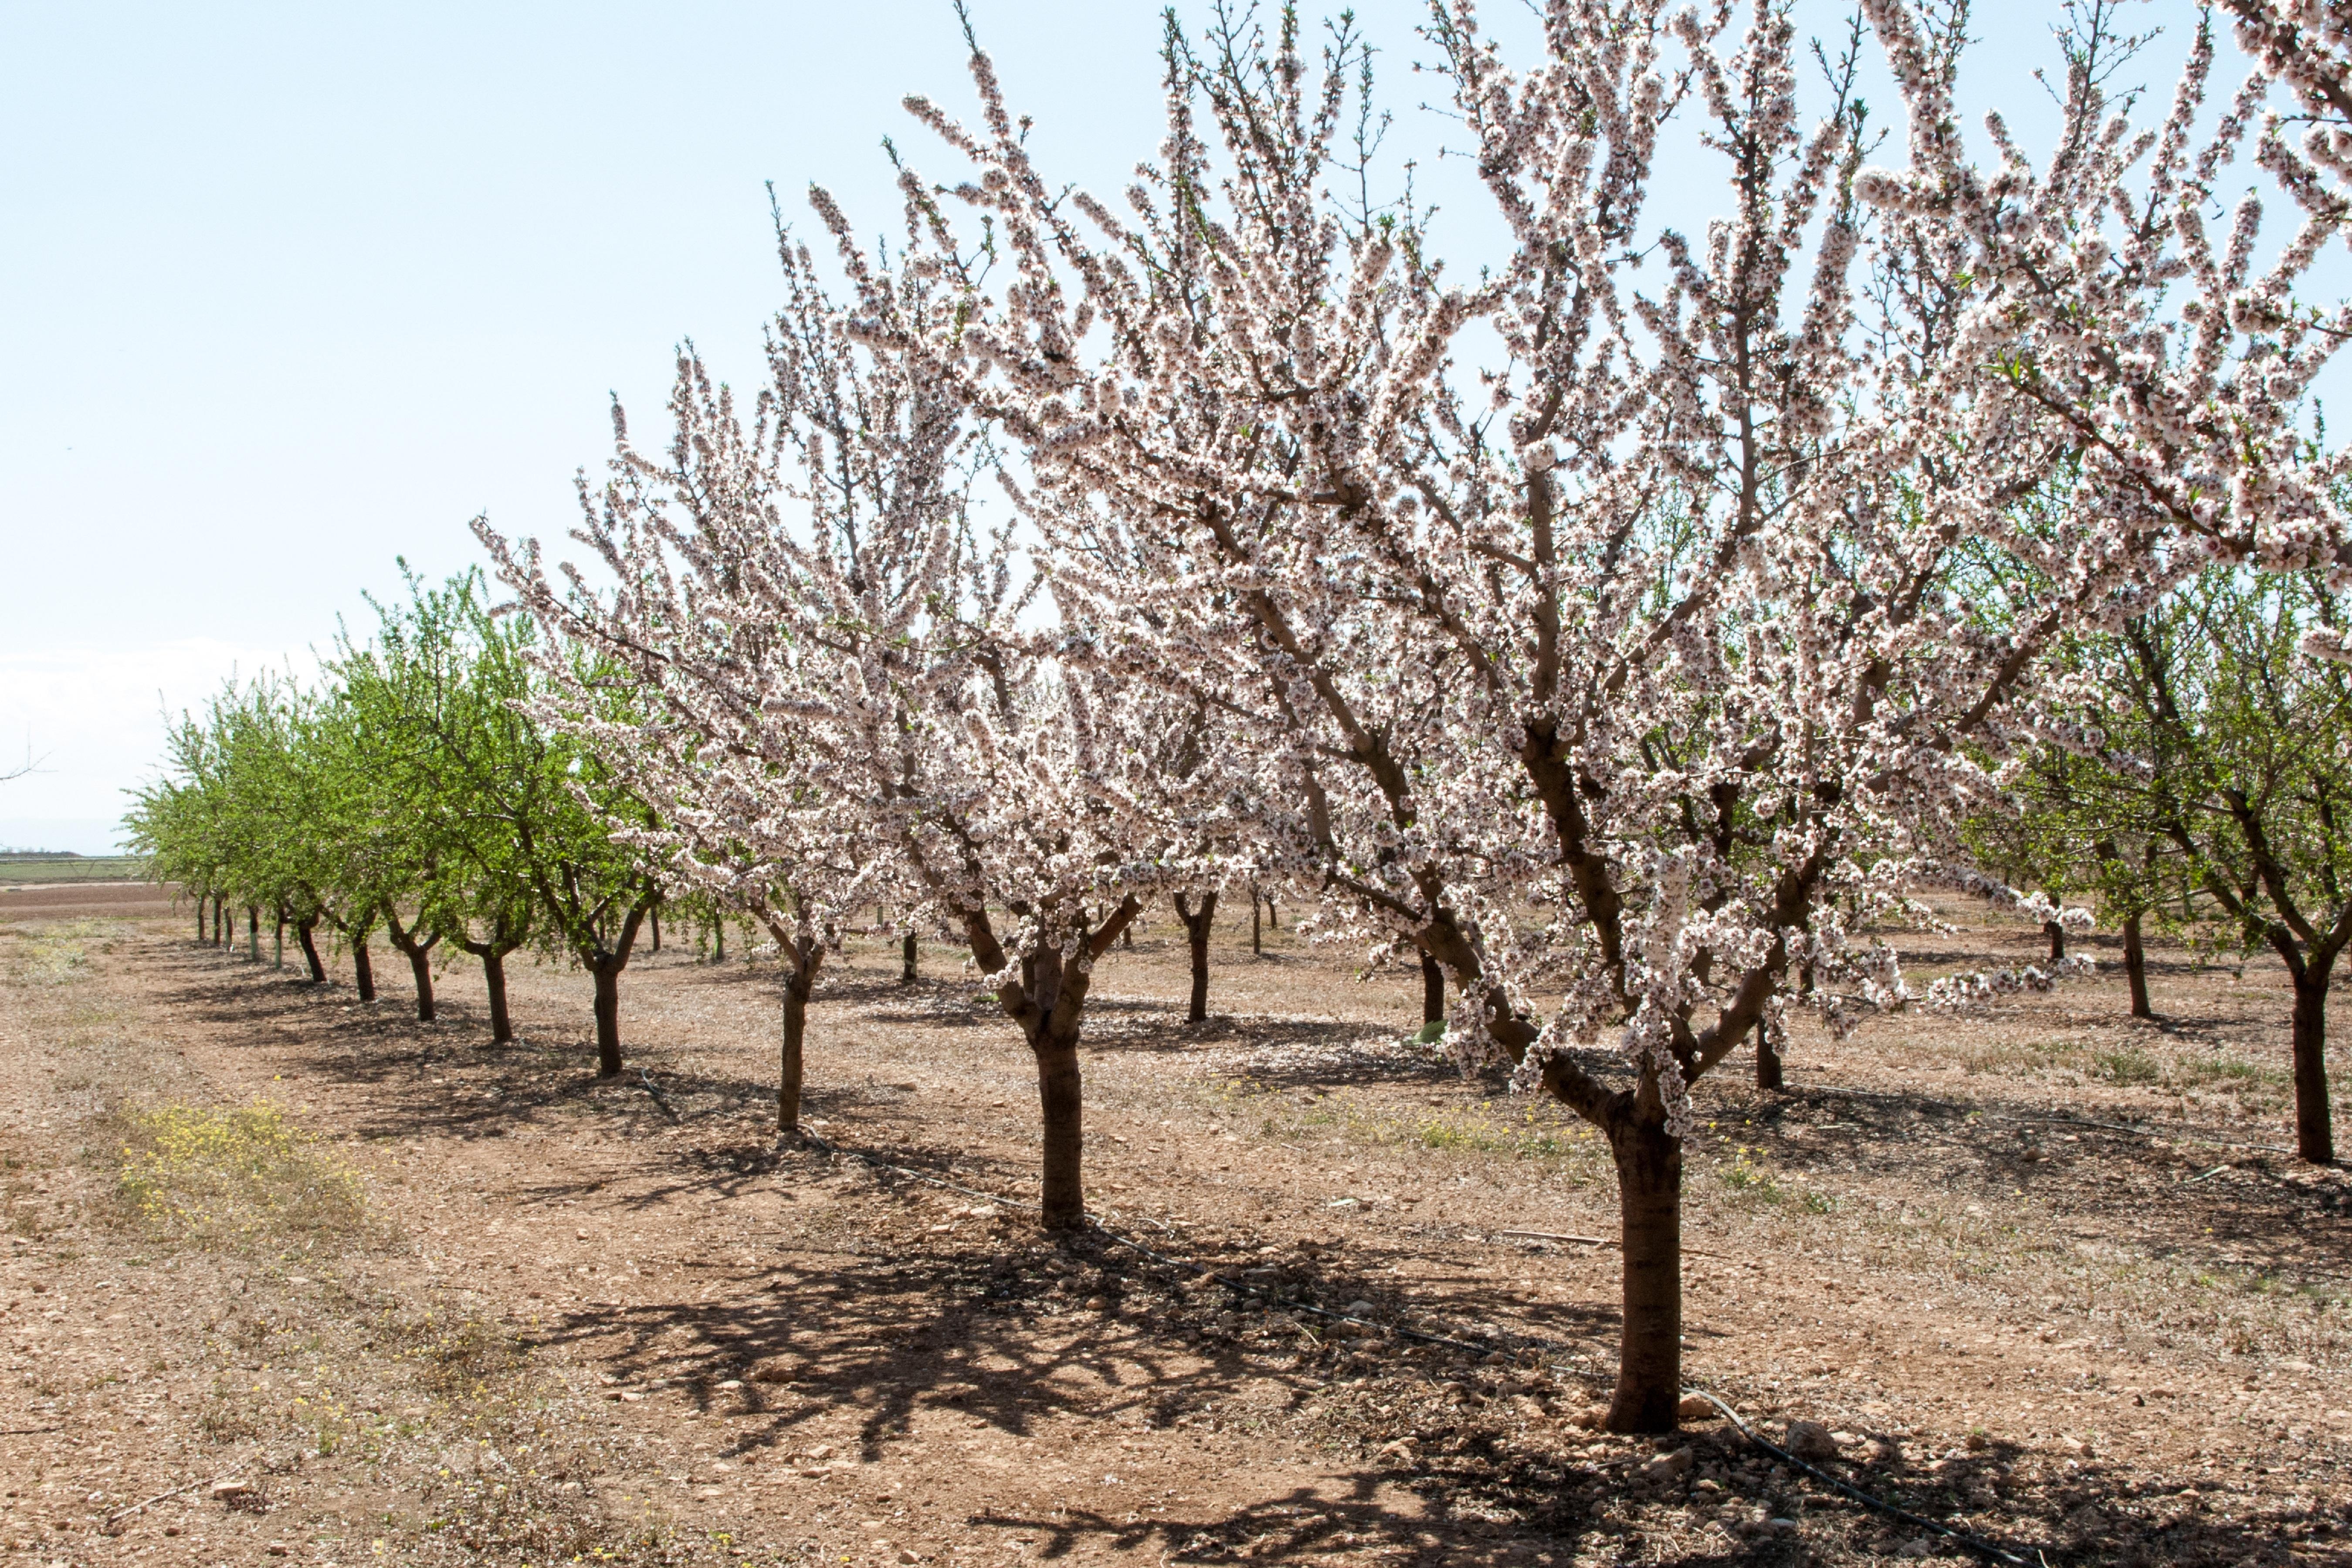 Mandellund i Spanien. Her ses mandeltræer, der blomstrer tidligt og sent. Det er den sene blomstring, der er ønsket, så der er mindre risiko for at frost ødelægger blomsterne og dermed høsten.